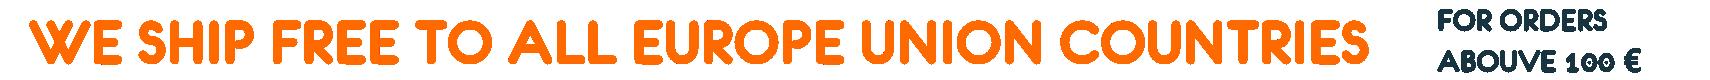 Free Shipping EU